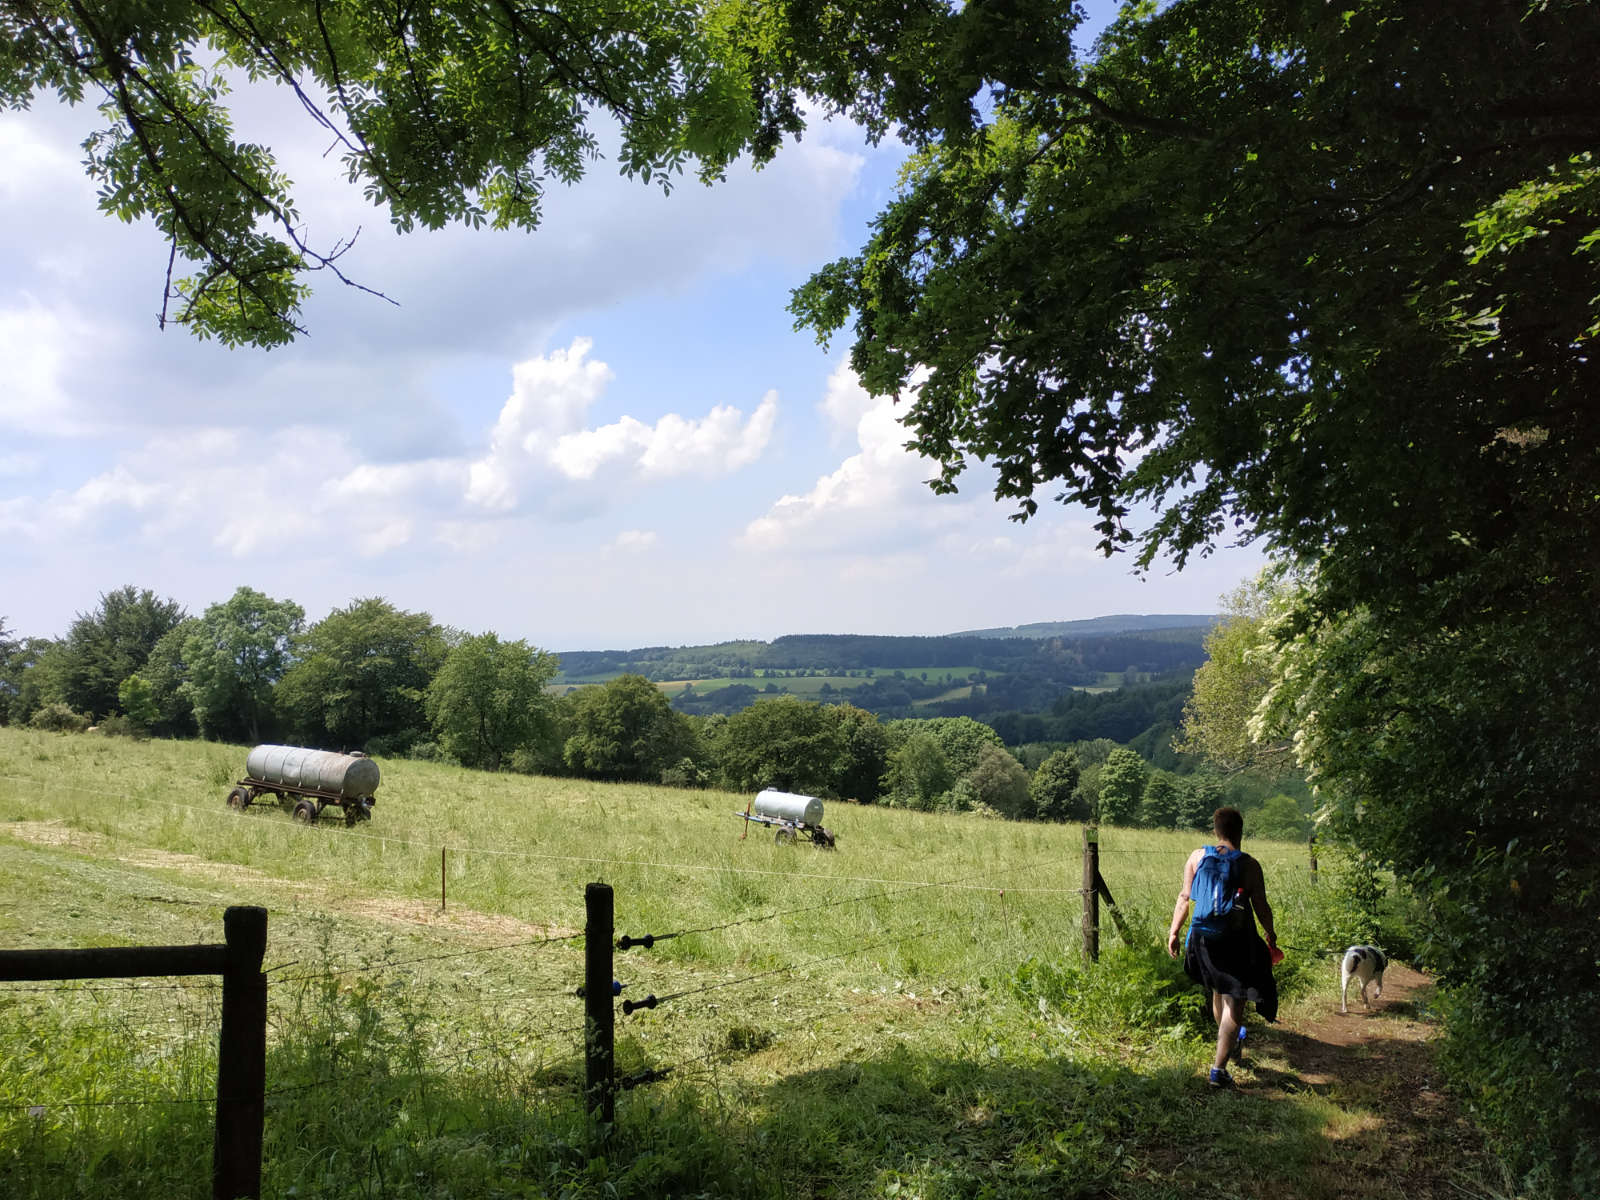 Wandern auf dem Bergmähwiesenpfad im Vogelsberg